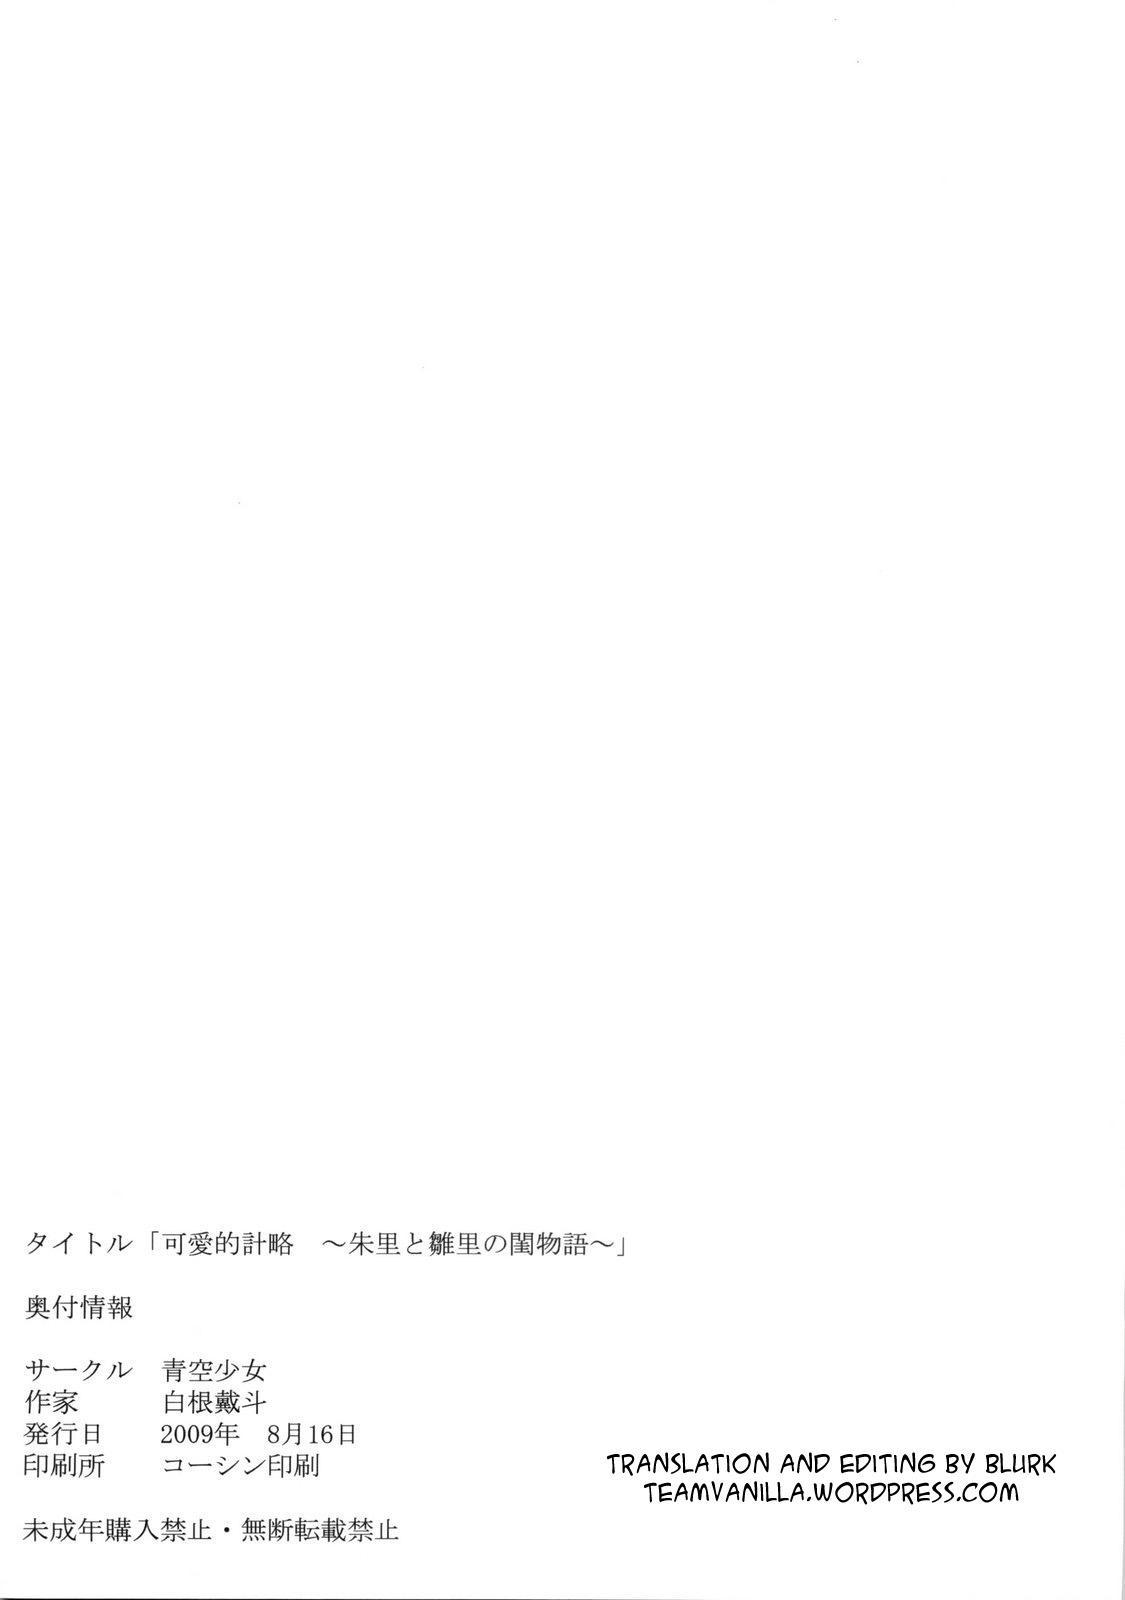 (C76) [Aozora Shoujo (Shirane Taito)] Kawai-teki Keiryaku ~Shuri to Hinari no Neya Monogatari~ | A Cutesy Plan ~Shuri and Hinari's Bedroom Story~ (Koihime Musou) [English] =Team Vanilla= 23